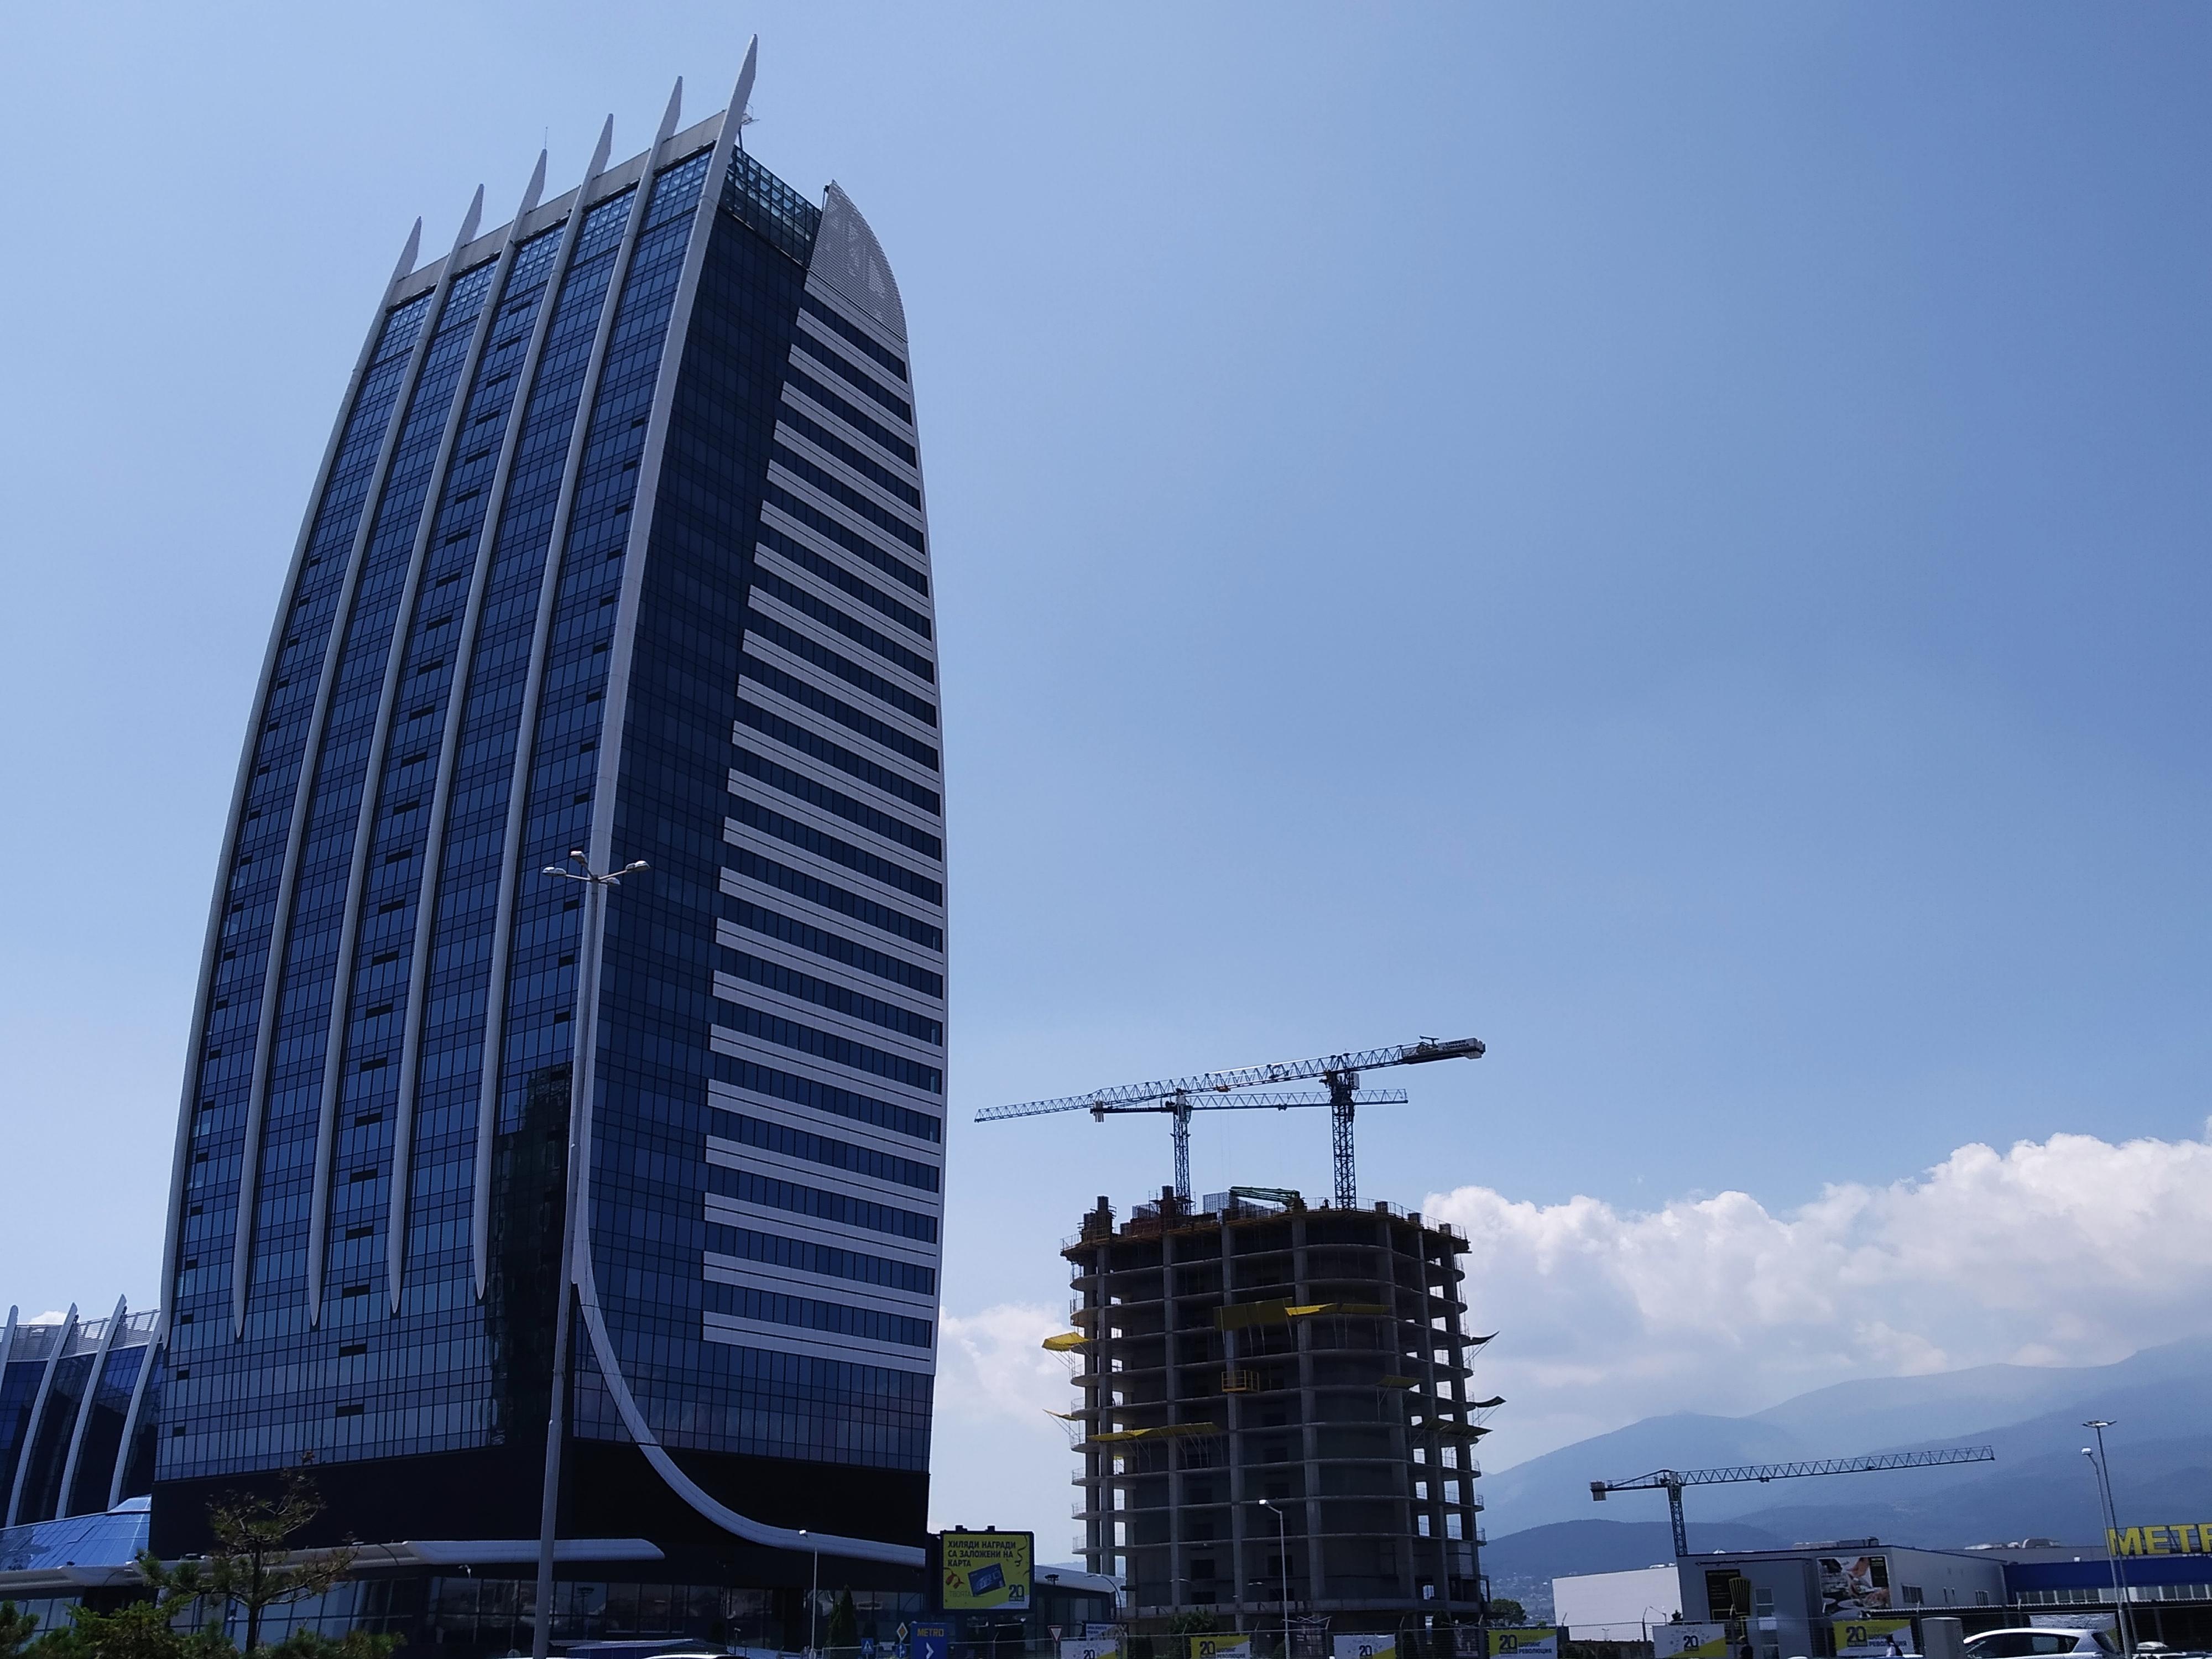 Софийският Skyfort – 202 метра, за €100 млн. Небостъргач №1 на Балканите готов до 2021-ва